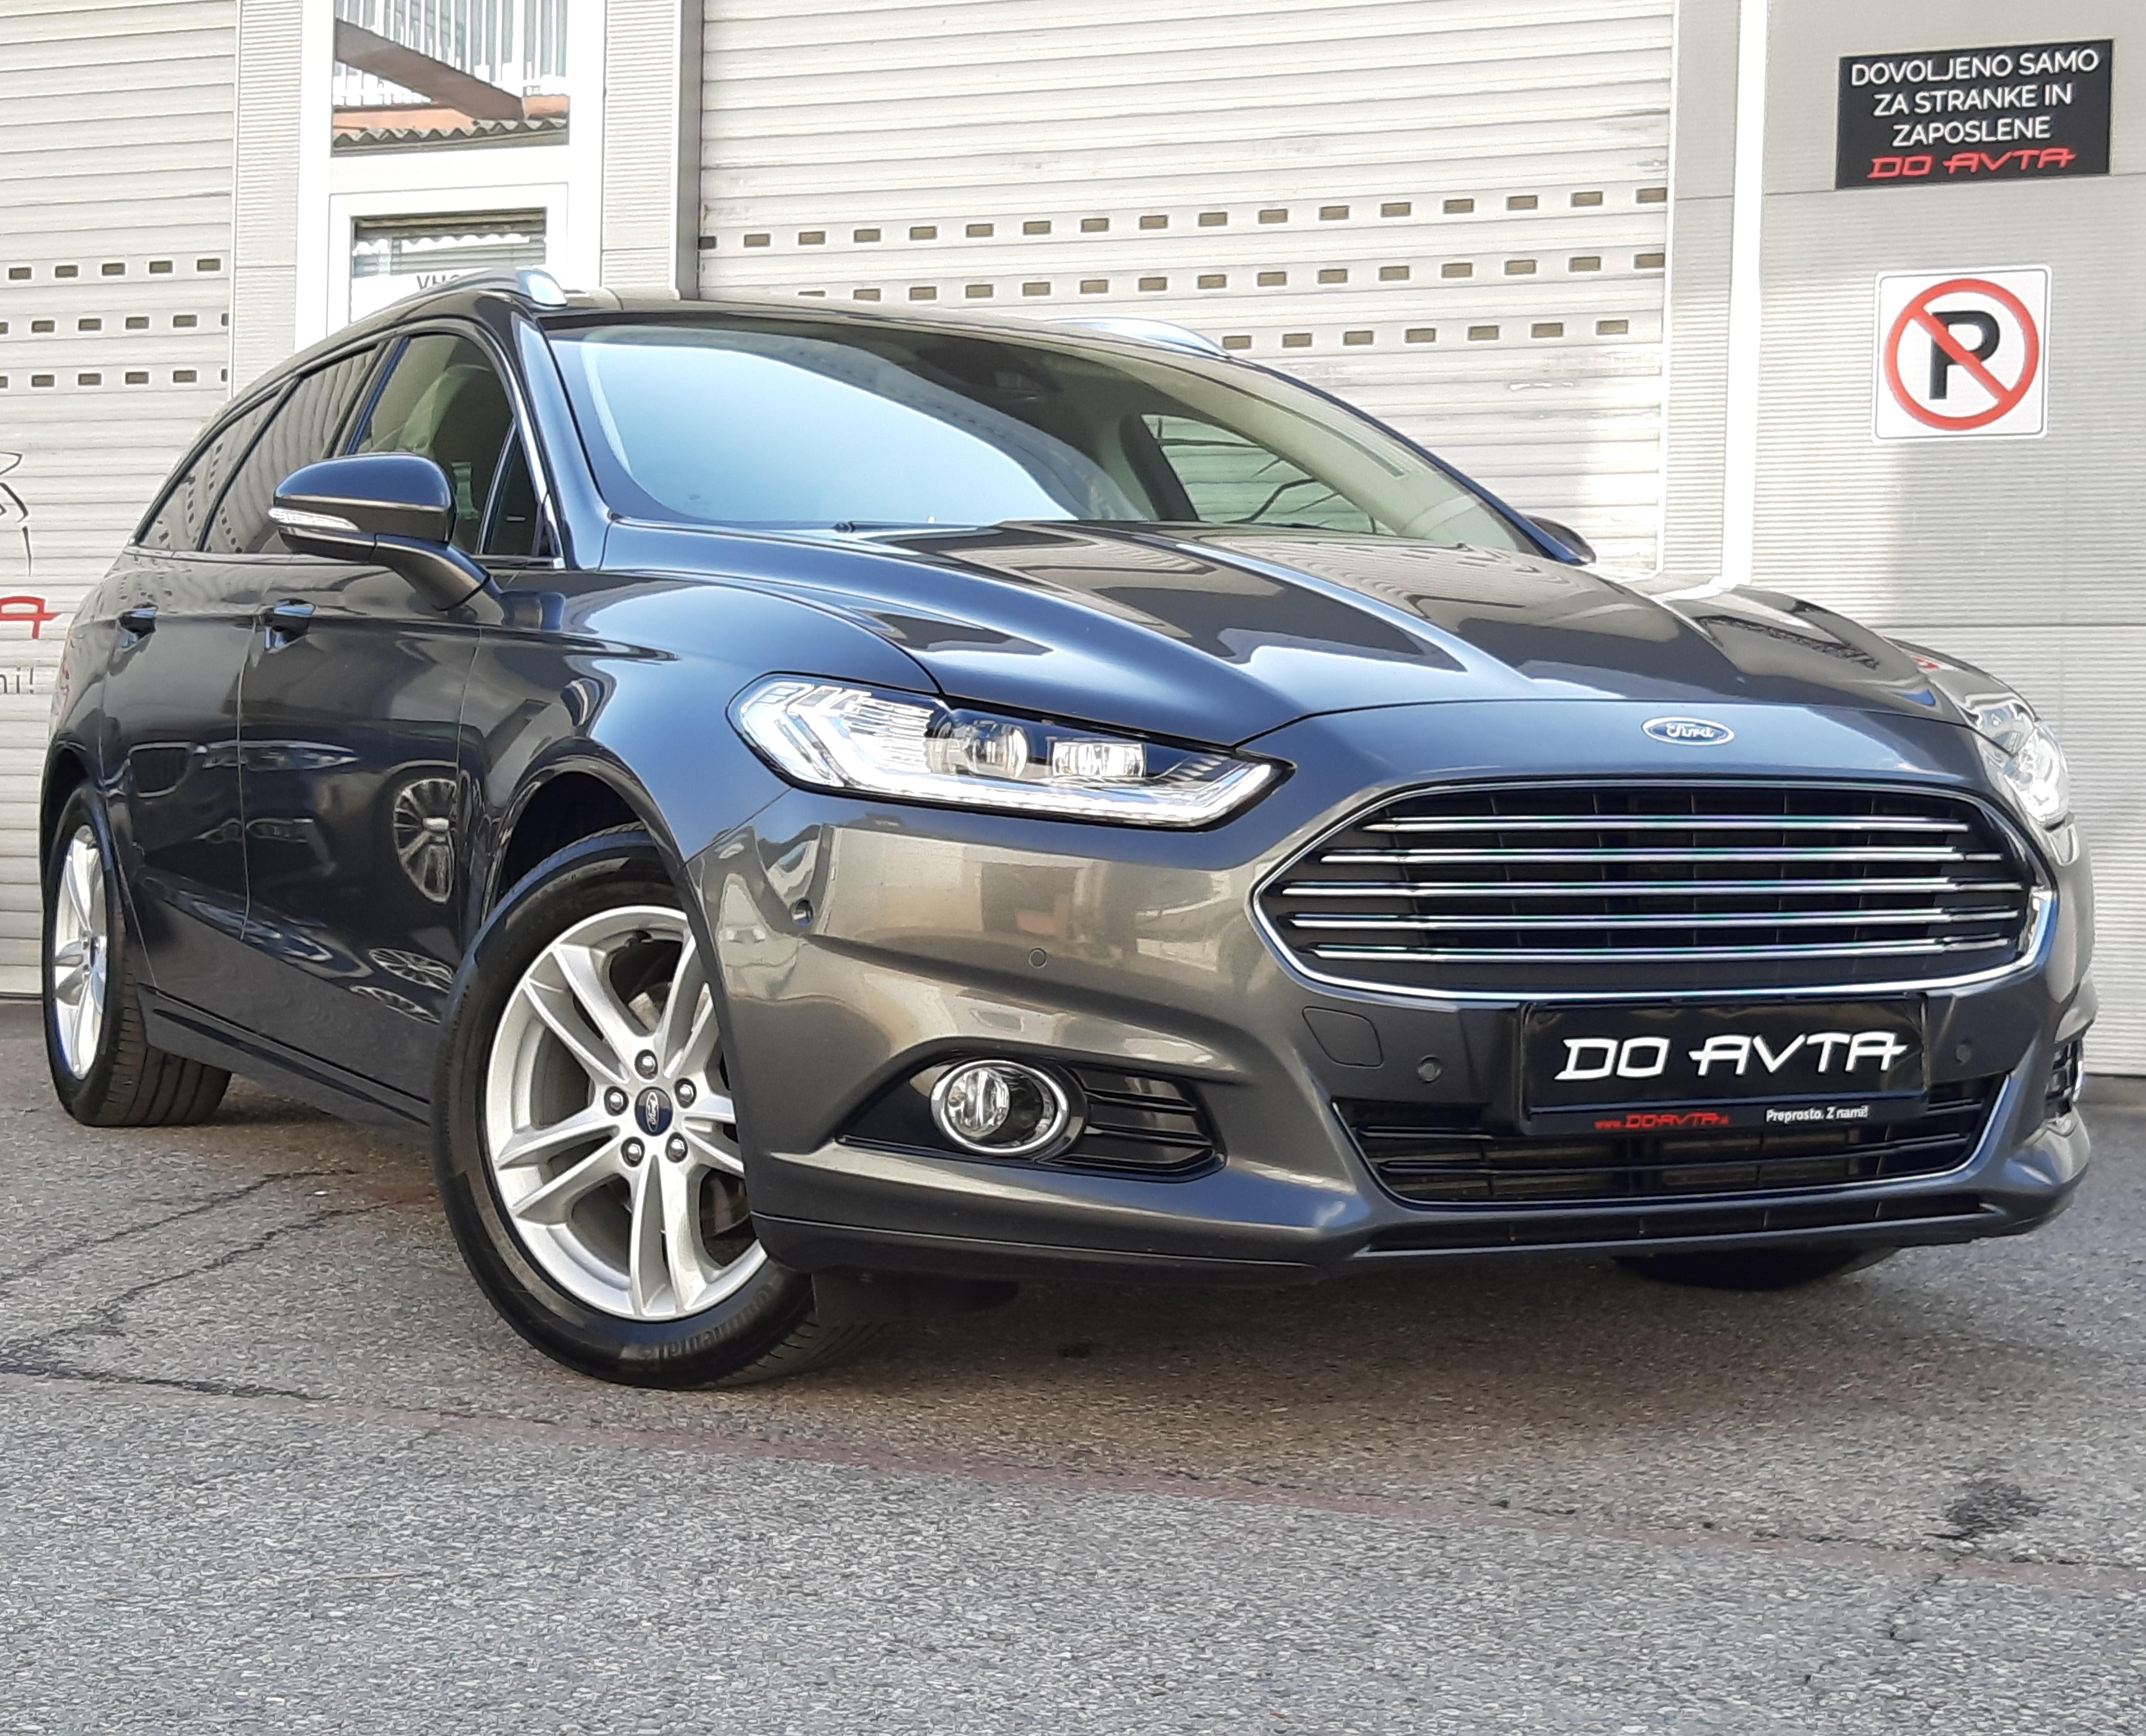 NAJPOPULARNEJŠI RABLJENI AVTOMOBILI: Ford Mondeo